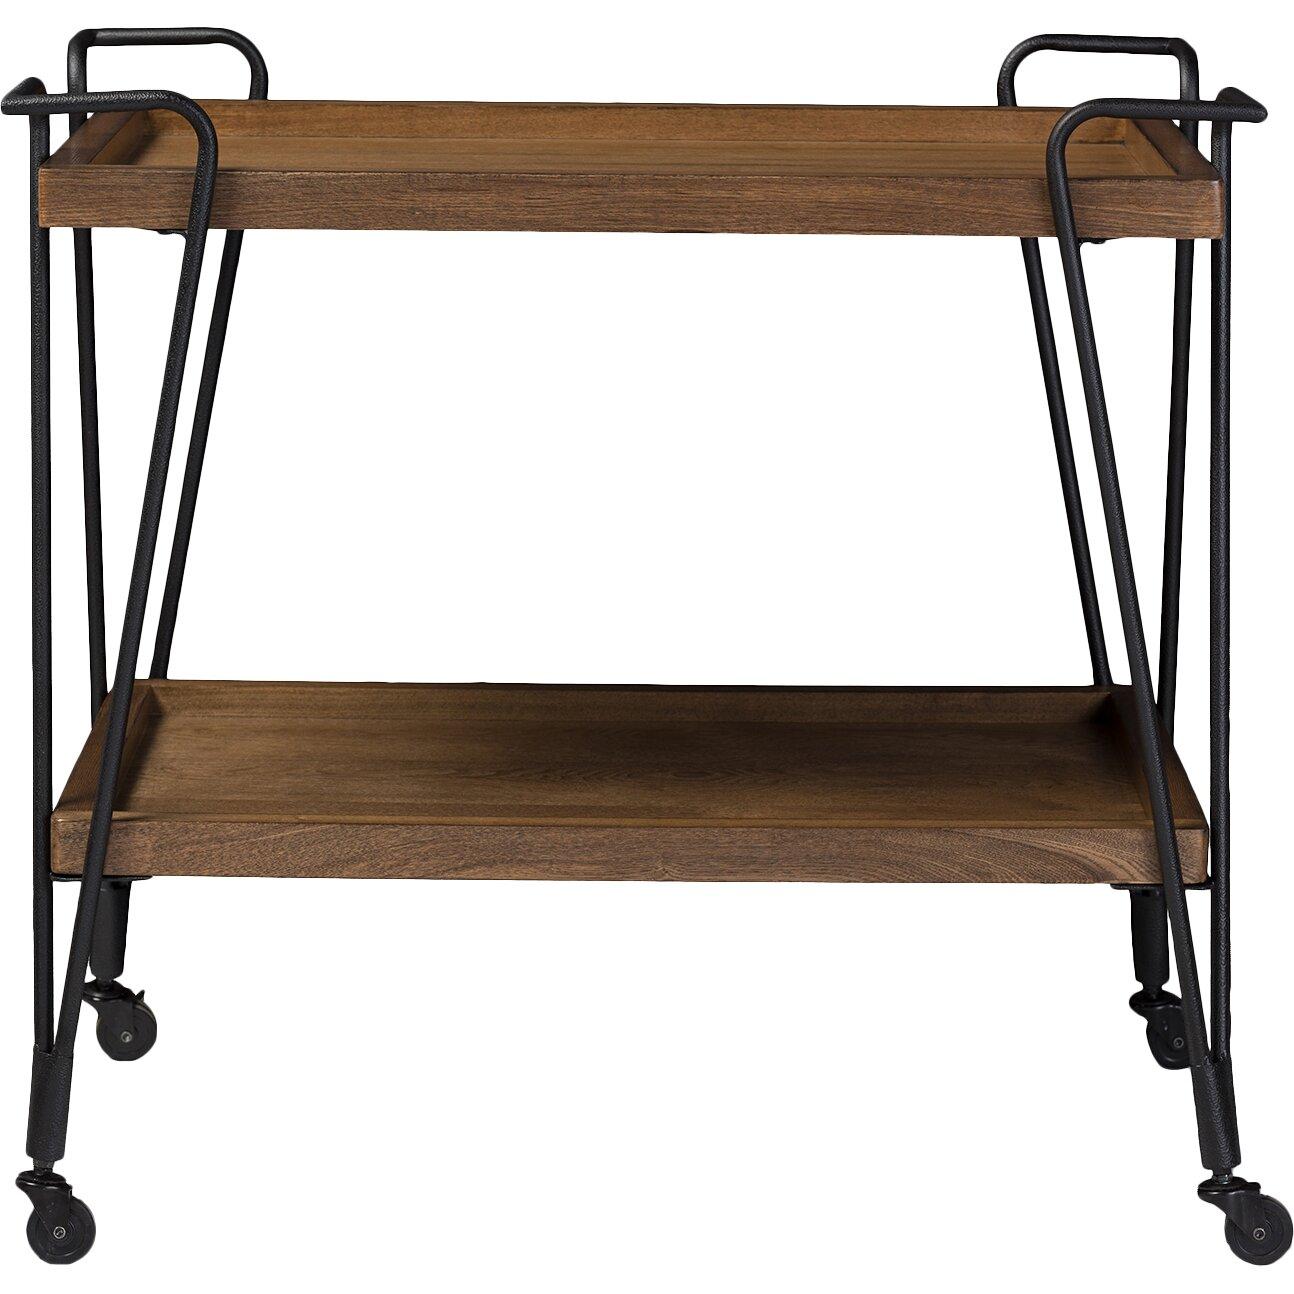 Alera Industrial Kitchen Carts At Lowes Com: Wholesale Interiors Alera Serving Cart & Reviews